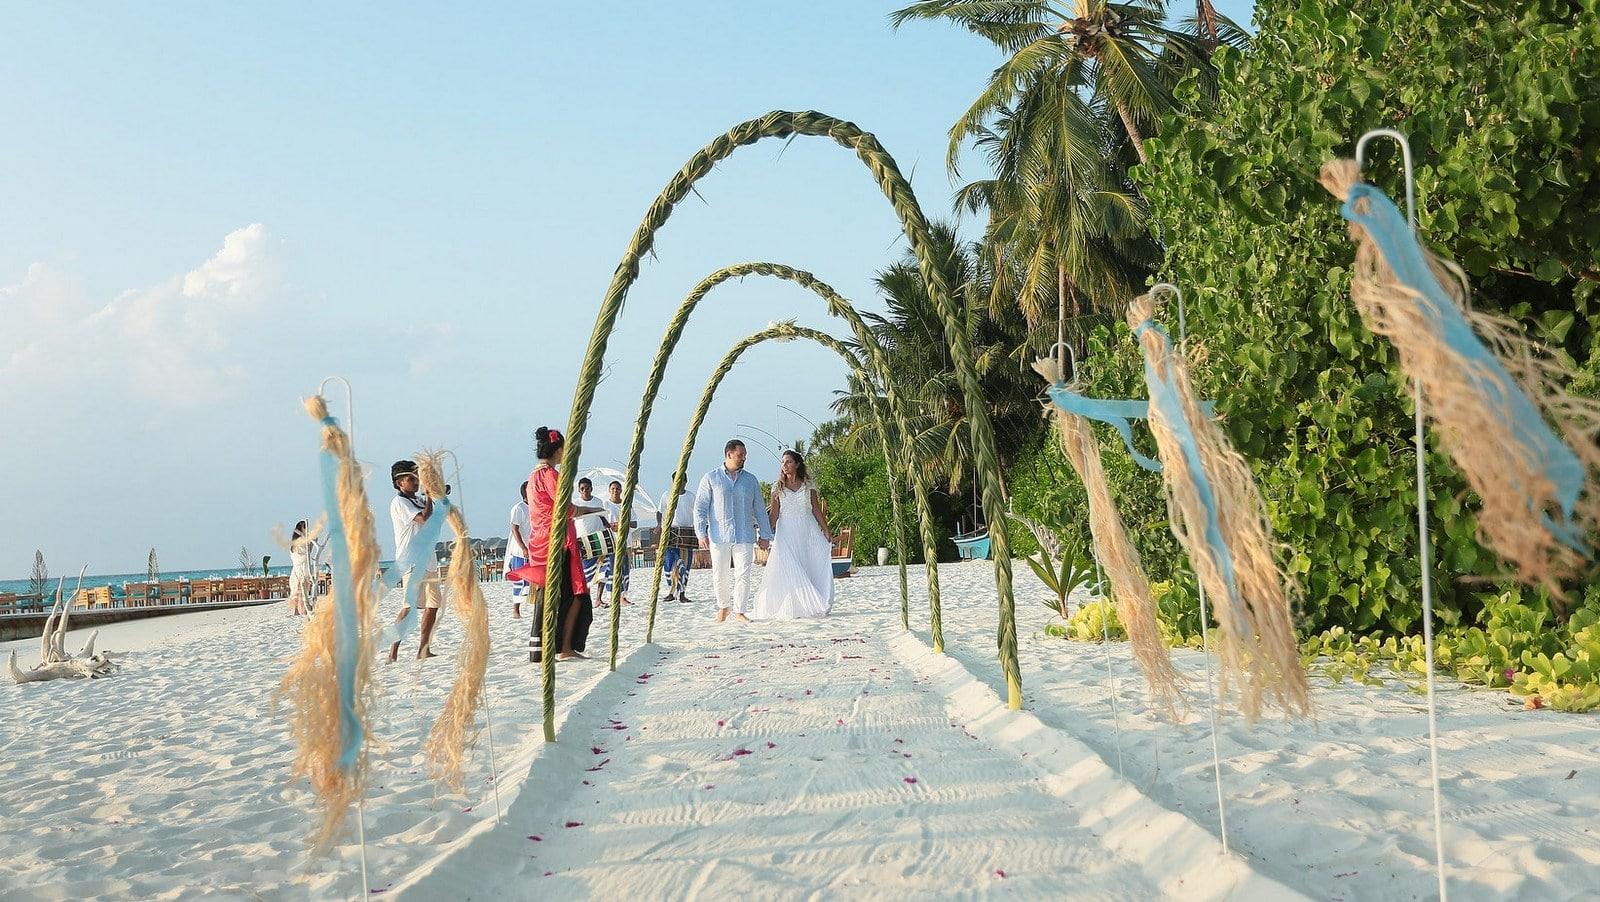 Мальдивы, отель Ayada Maldives, свадебная церемония